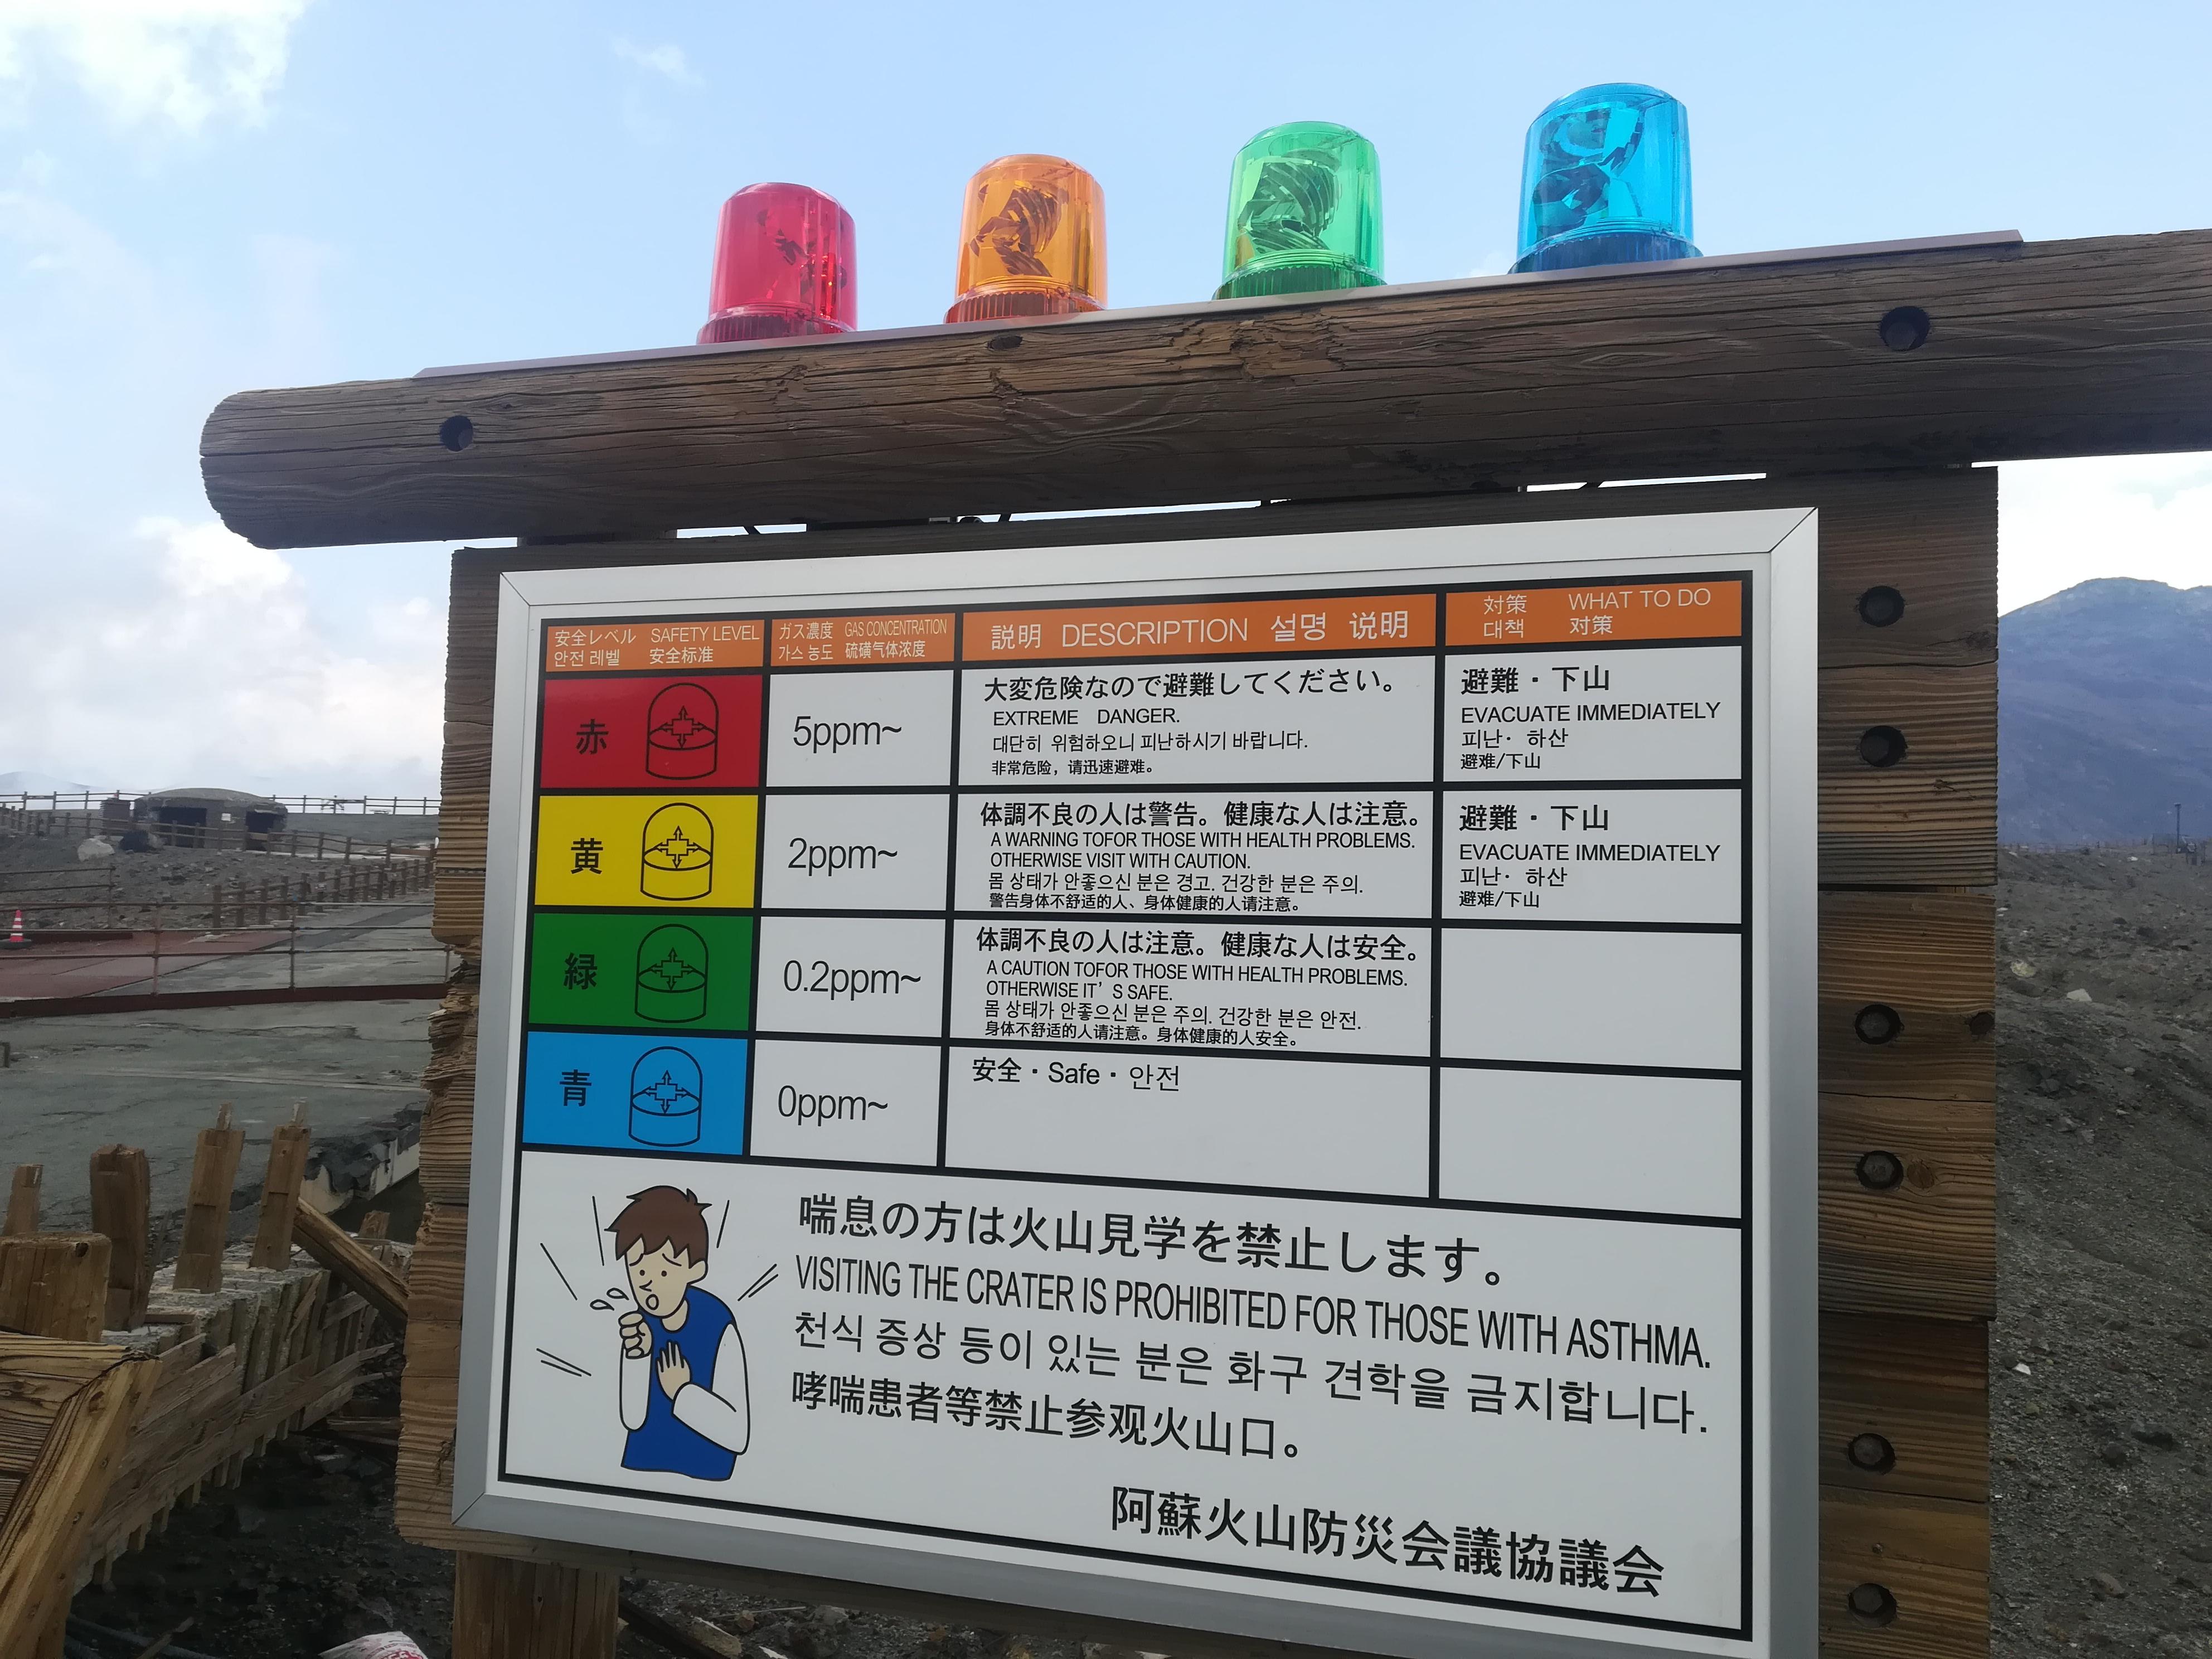 阿蘇火口の噴火レベルを示す標識